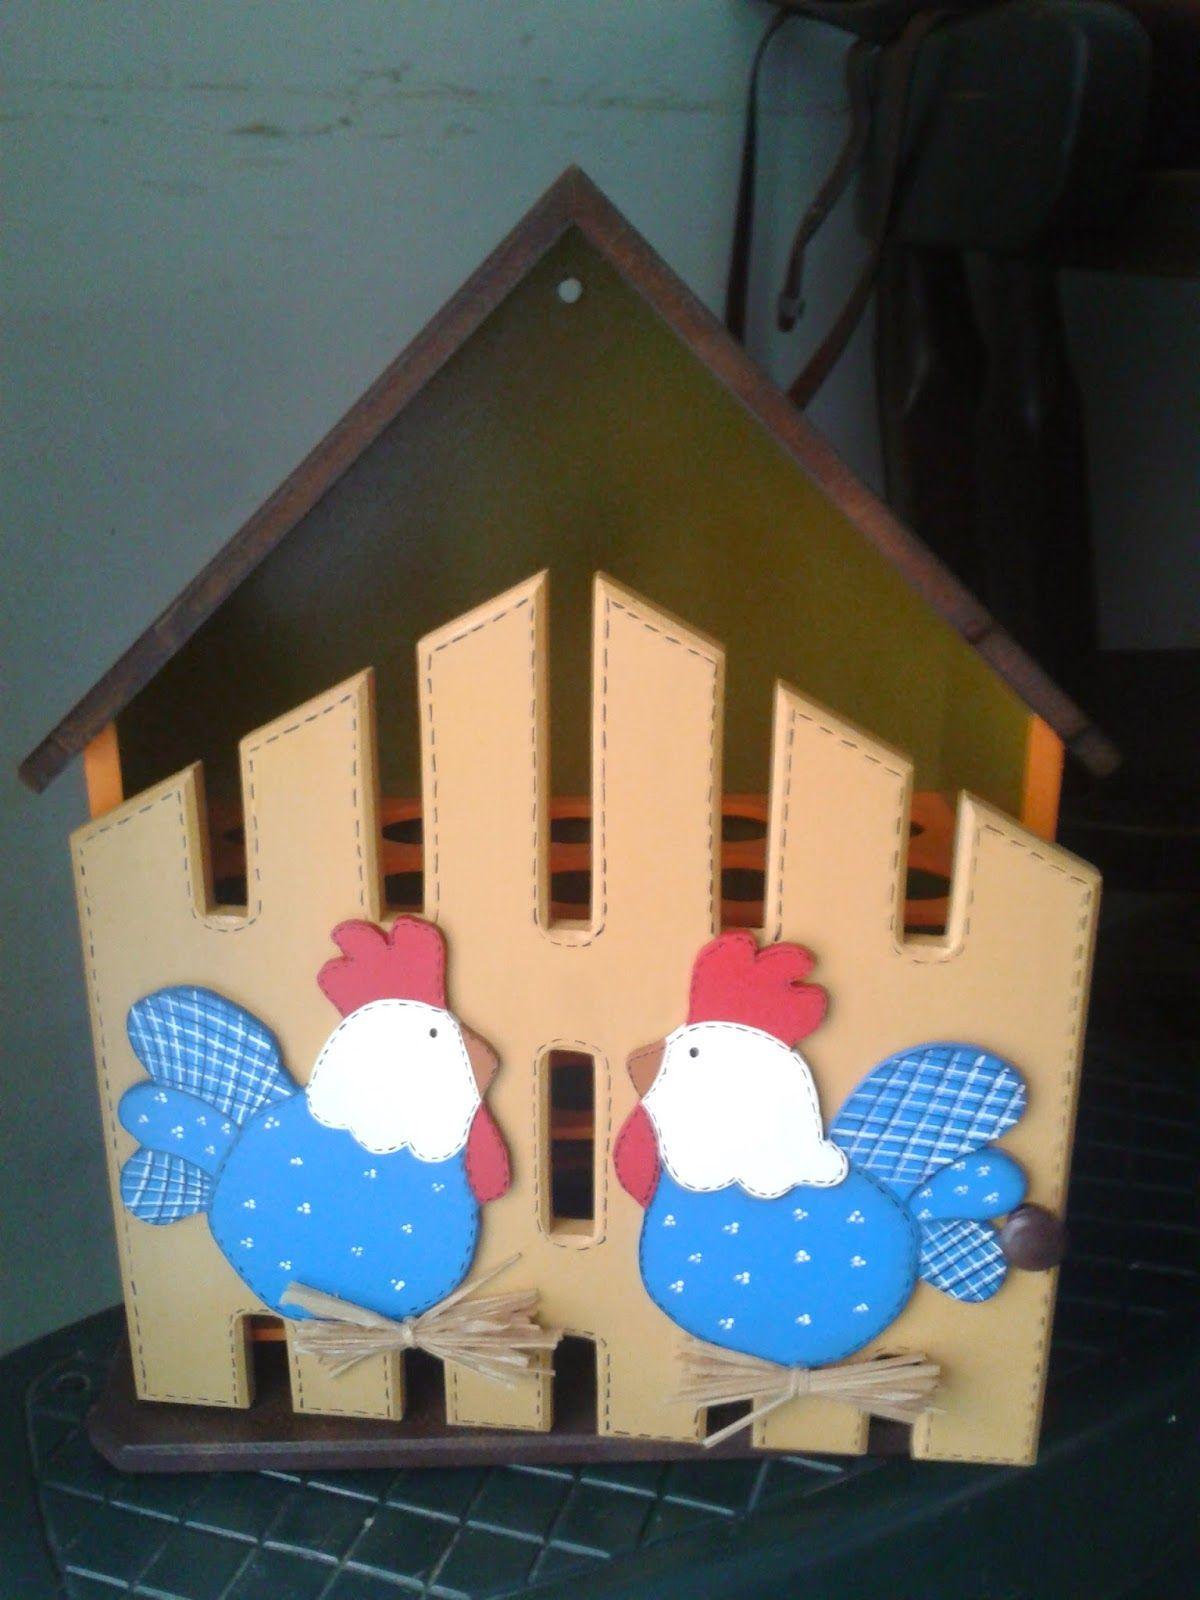 Aqui encontraras peque os dise os en madera y pintura for Disenos navidenos para decorar puertas